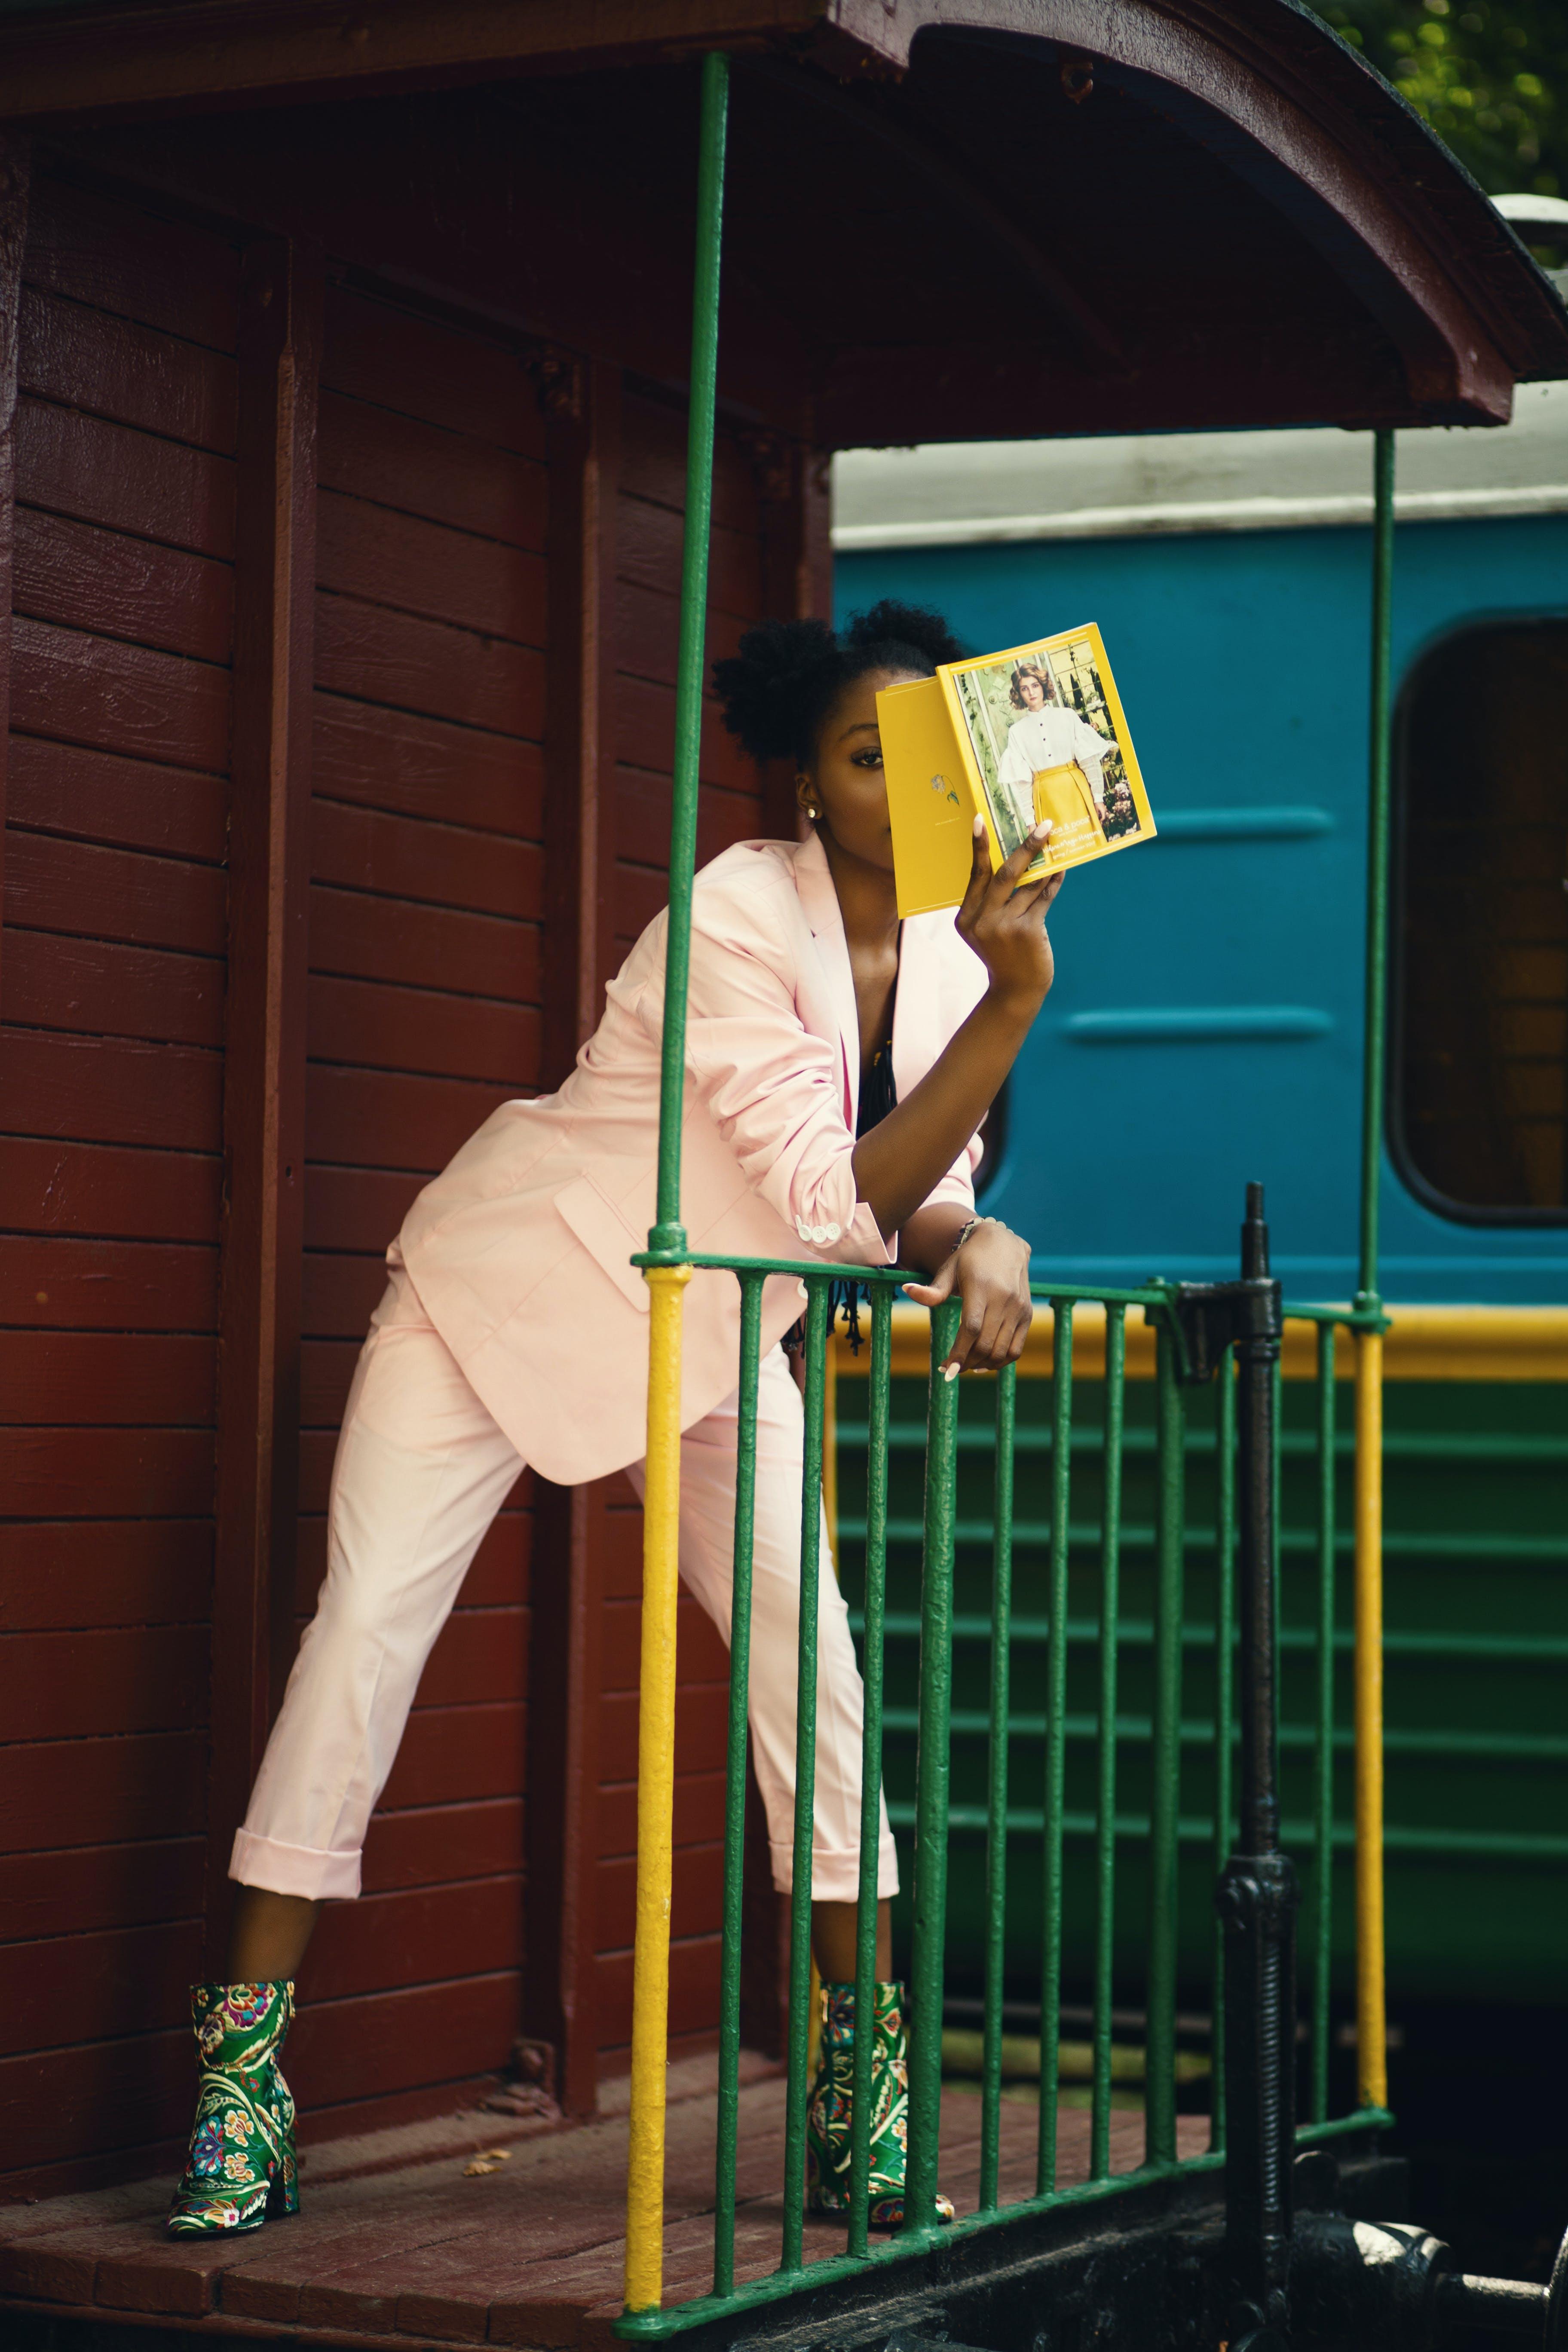 Foto stok gratis bangunan, berkelas, dewasa, gadis berkulit hitam